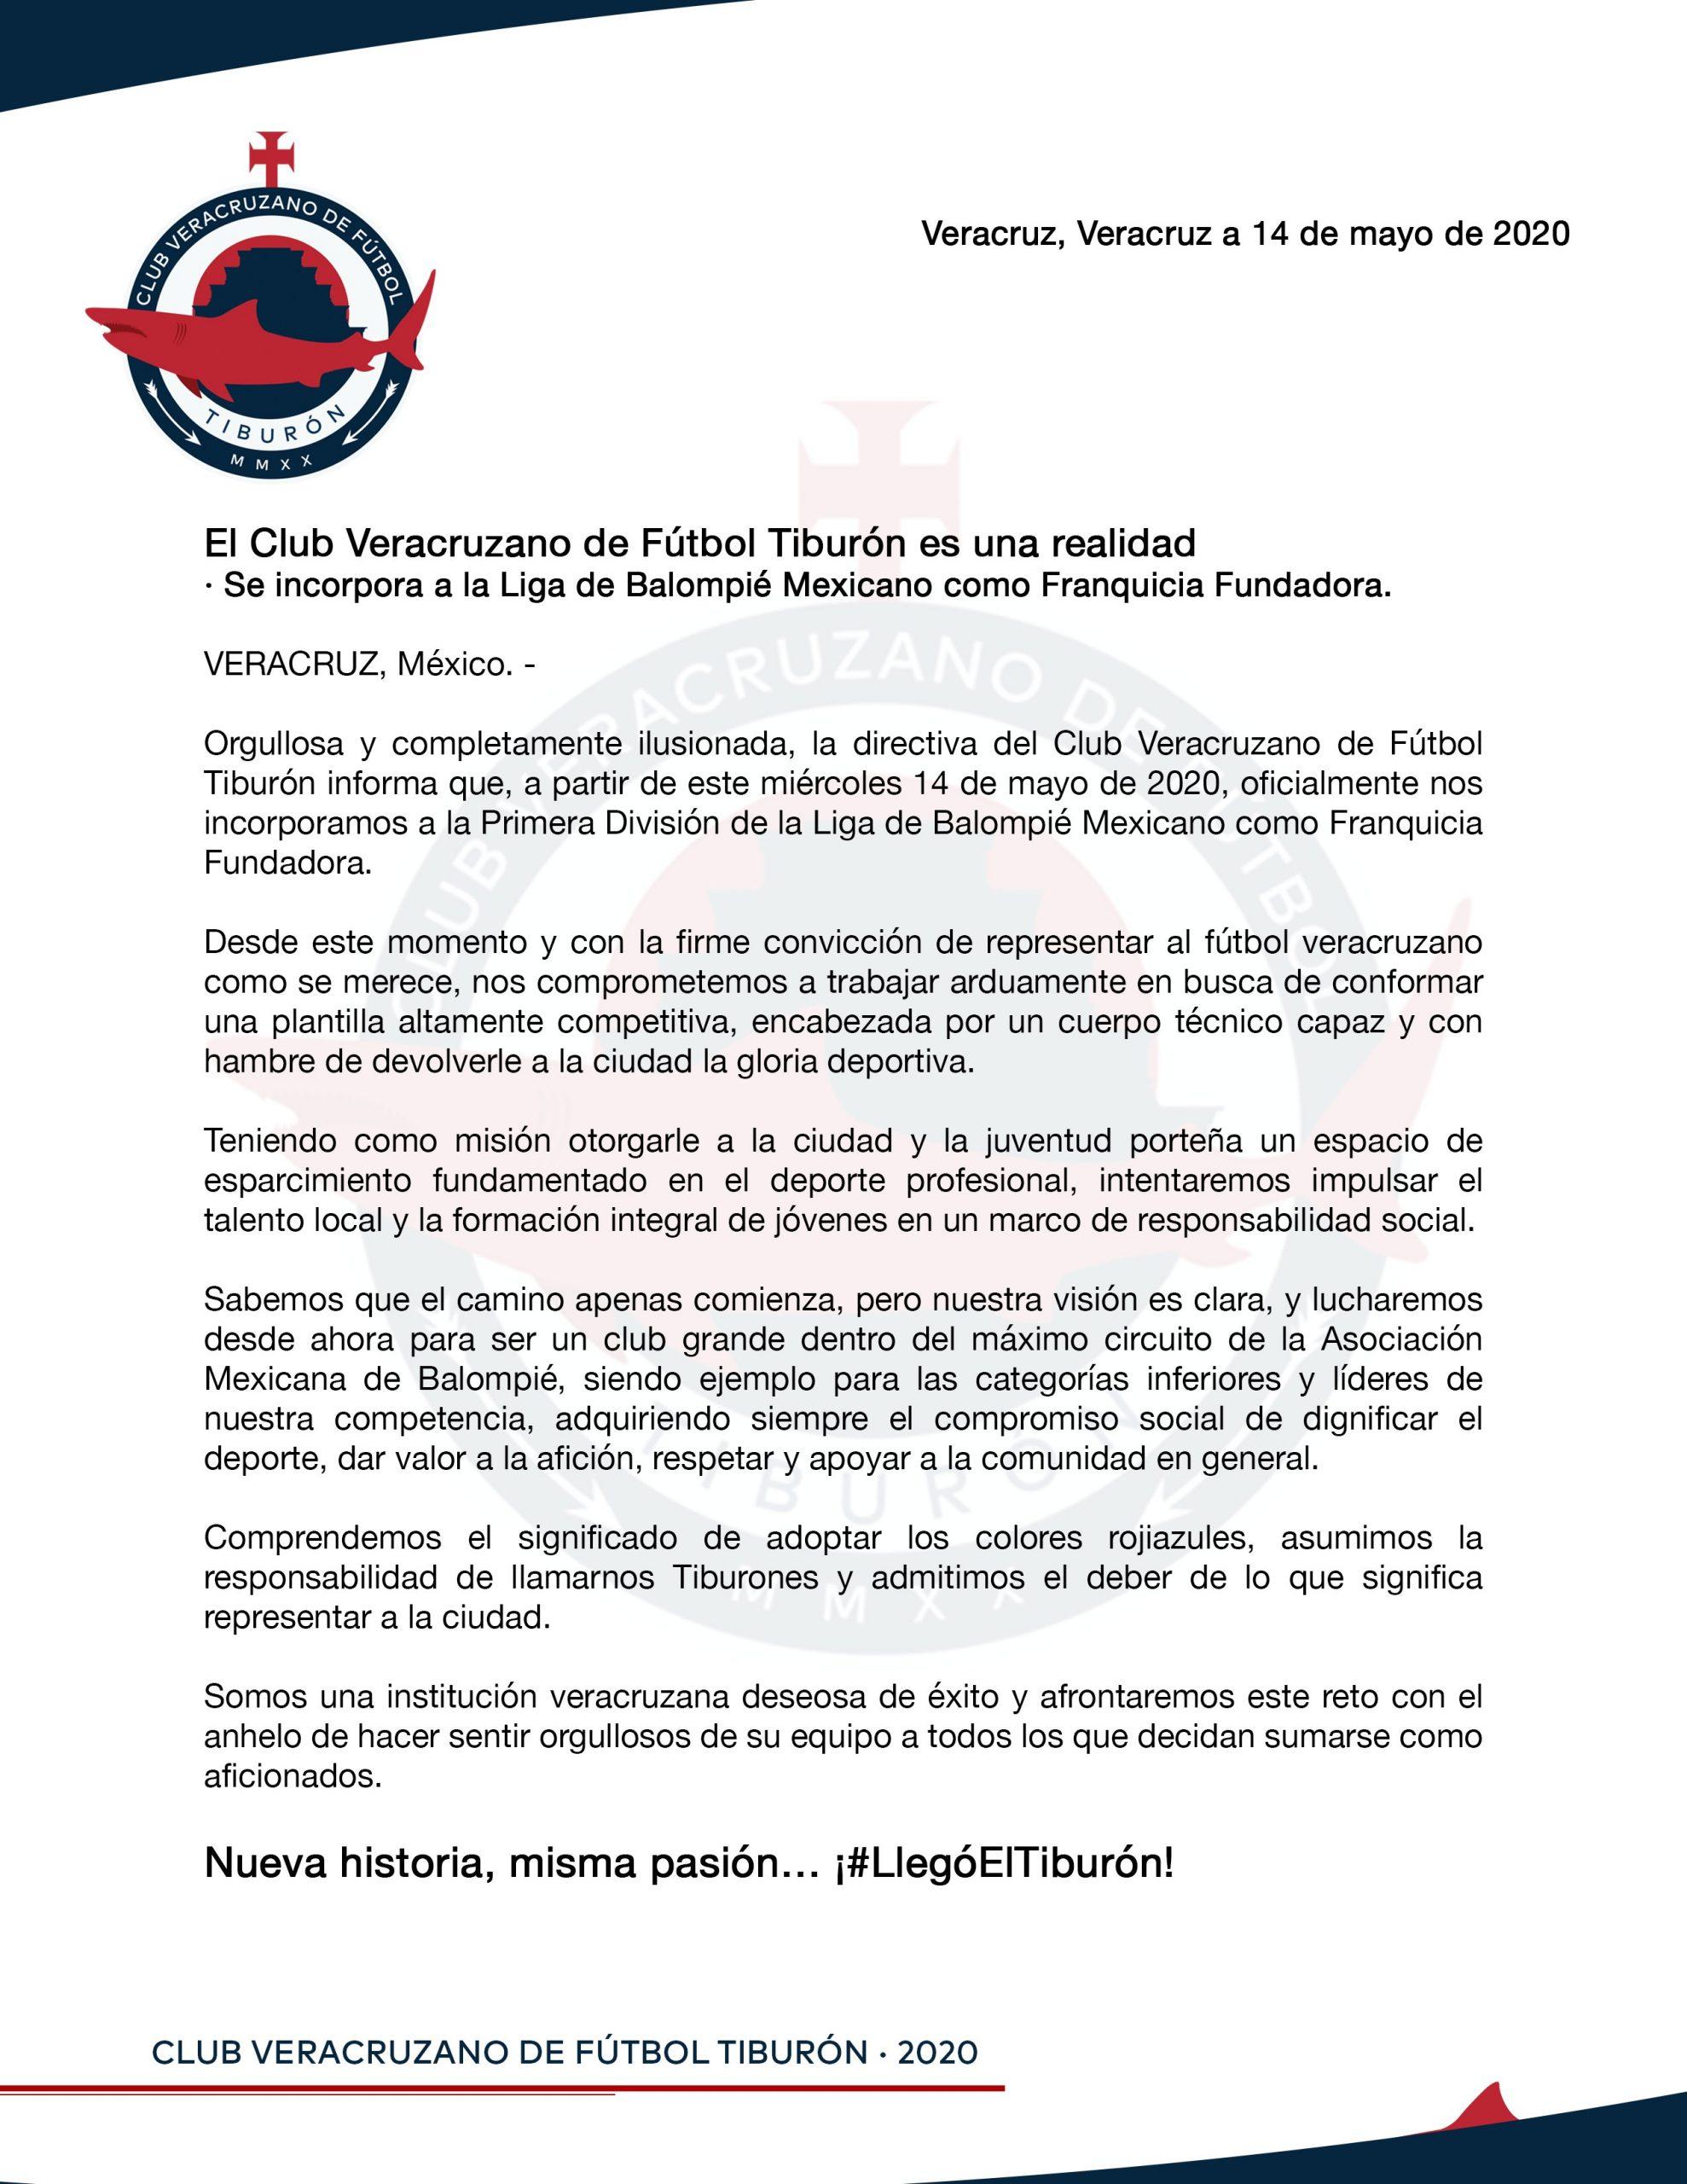 """""""Mami que tu quiereee"""": Veracruz tiene oficialmente equipo en la Liga de Balompié Mexicano"""